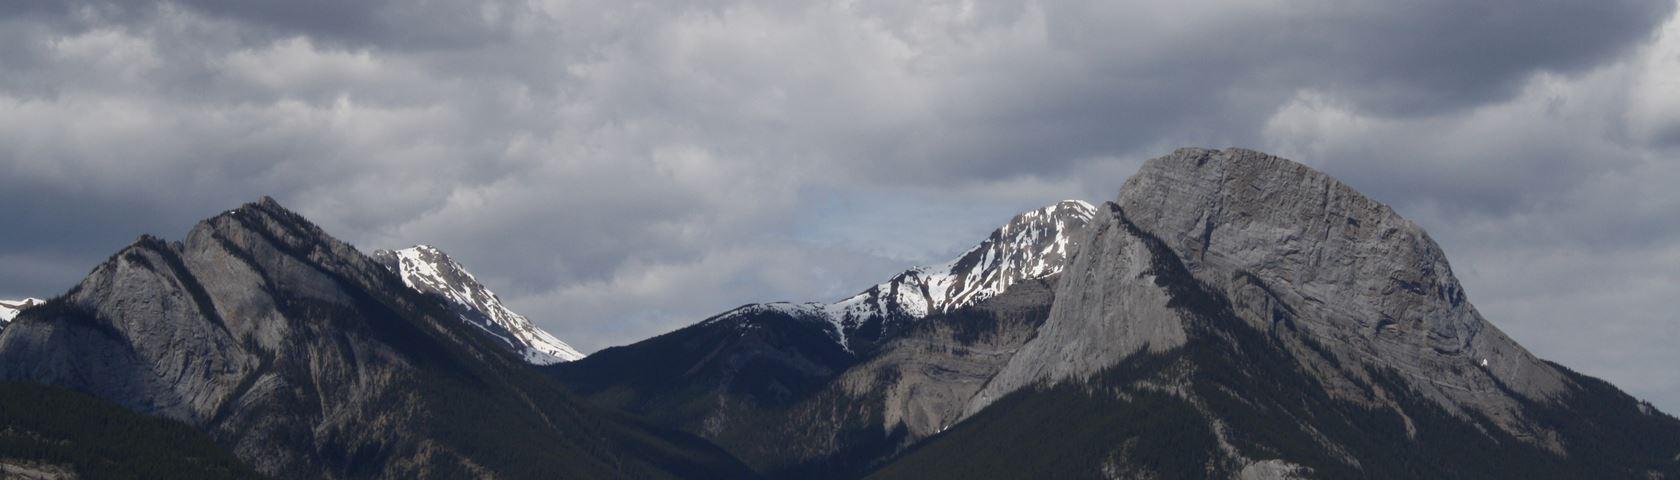 Jasper Peaks